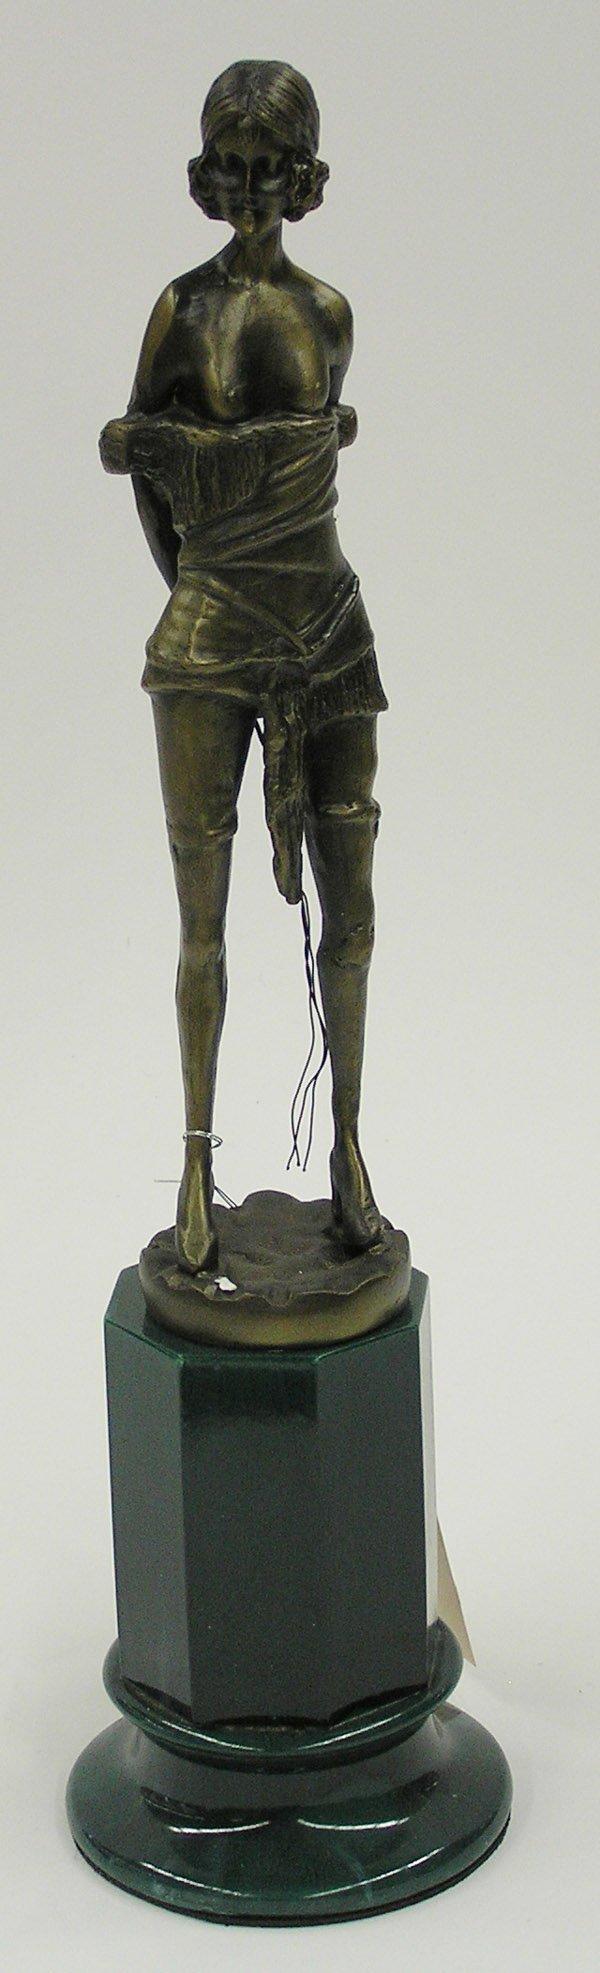 4019: Cast metal nude strumpet figure